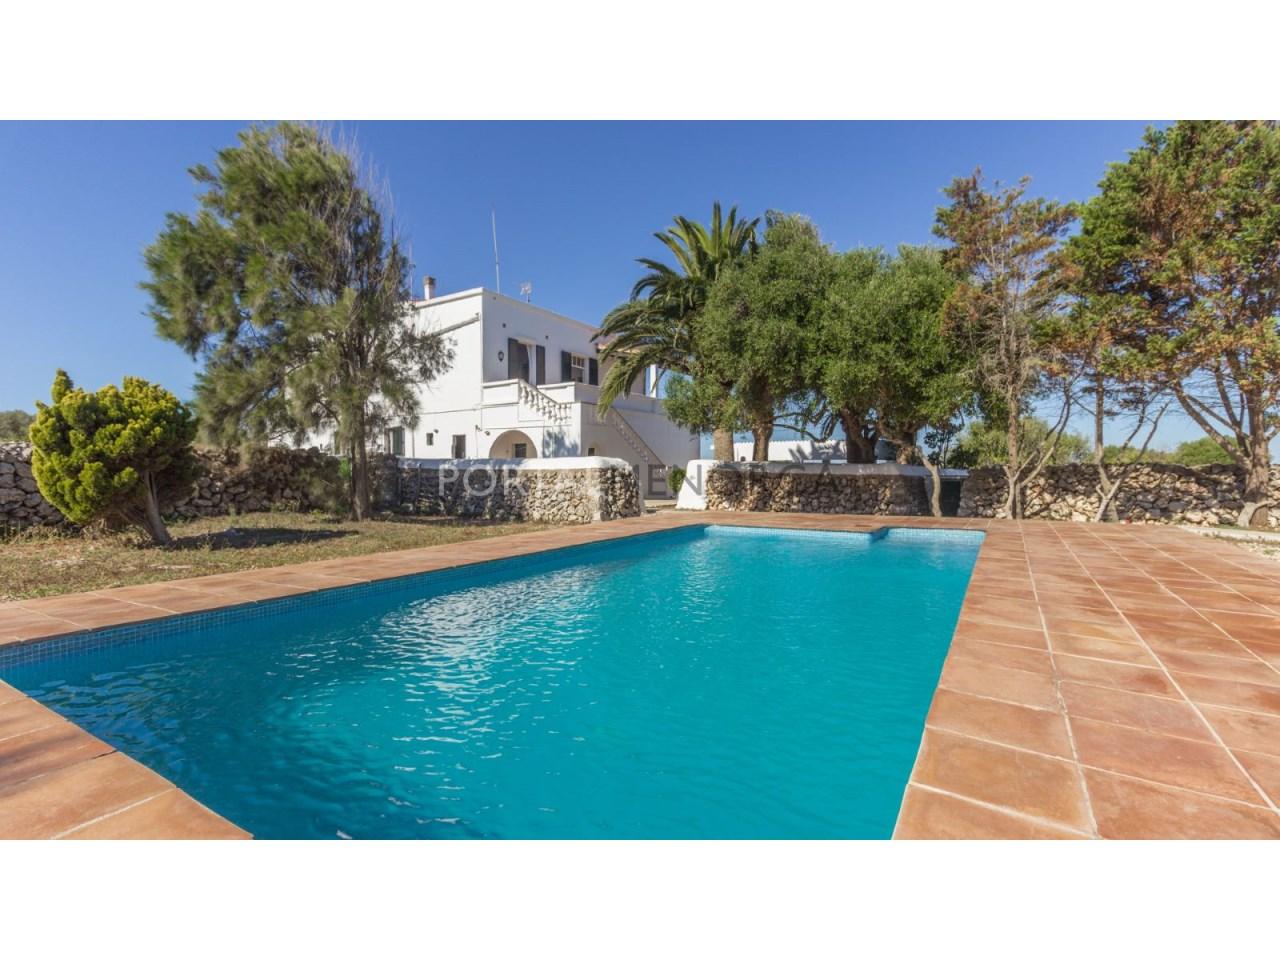 Finca rústica en venta en Menorca con piscina